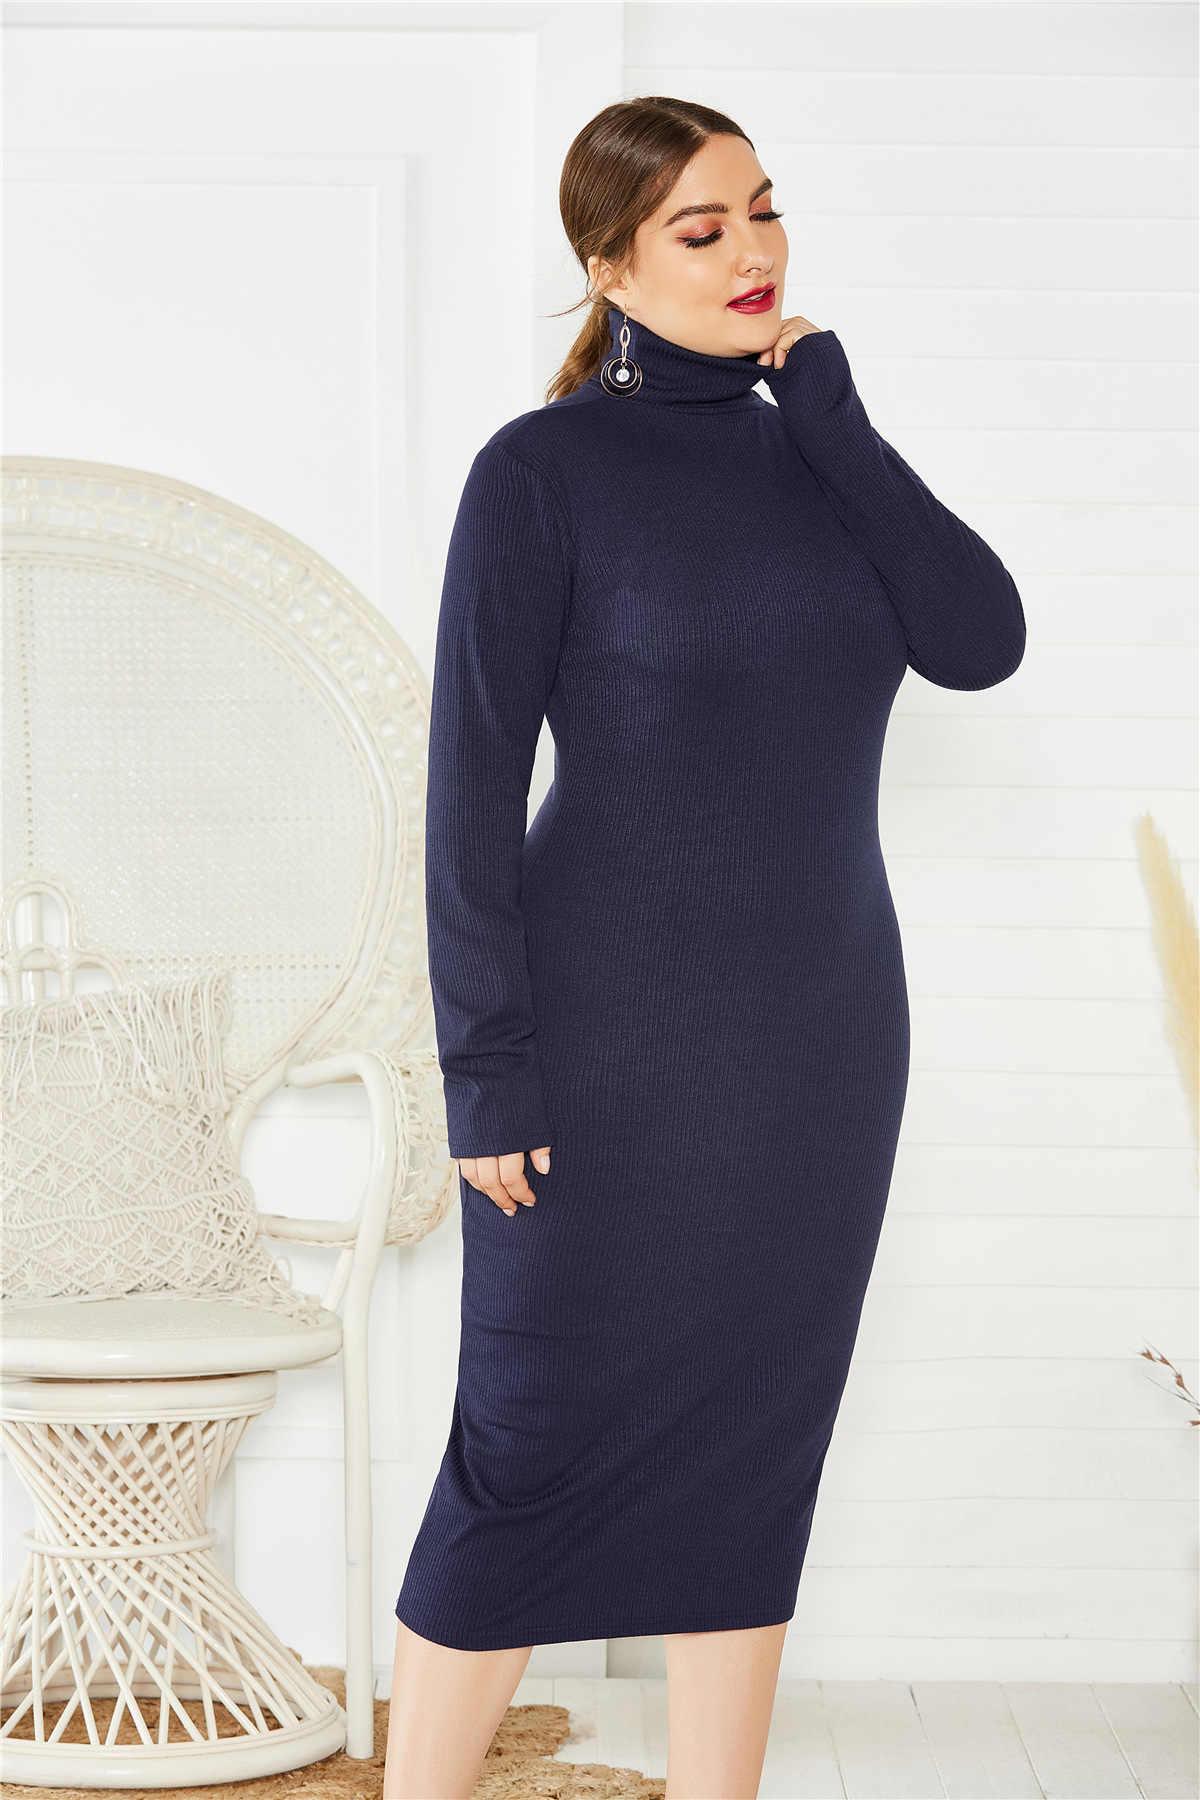 Plus rozmiar 5XL sweter z dzianiny sukienka damska z golfem rozciągliwa, dzianinowa sukienka sweter damska maksi duże rozmiary Strech Sexy sukienki